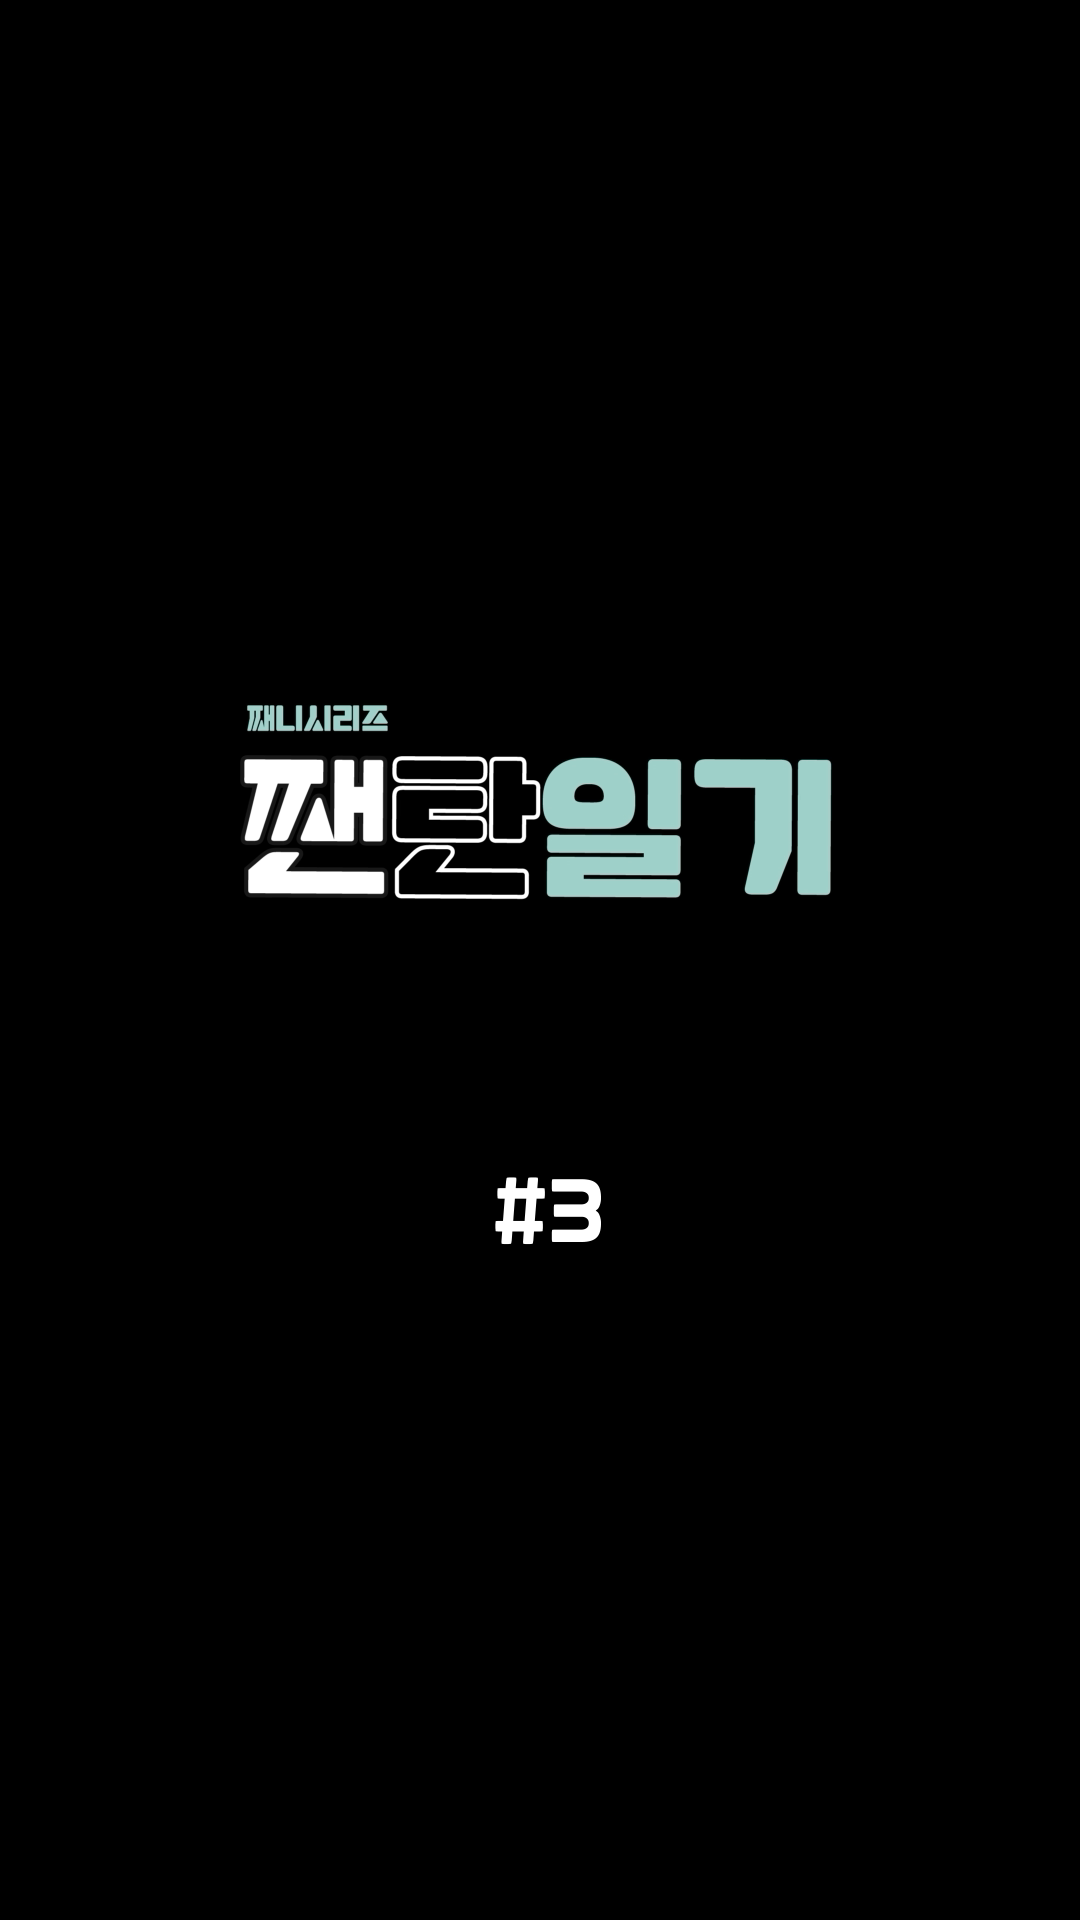 [🎬] 째니시리즈 짼탄일기 #3